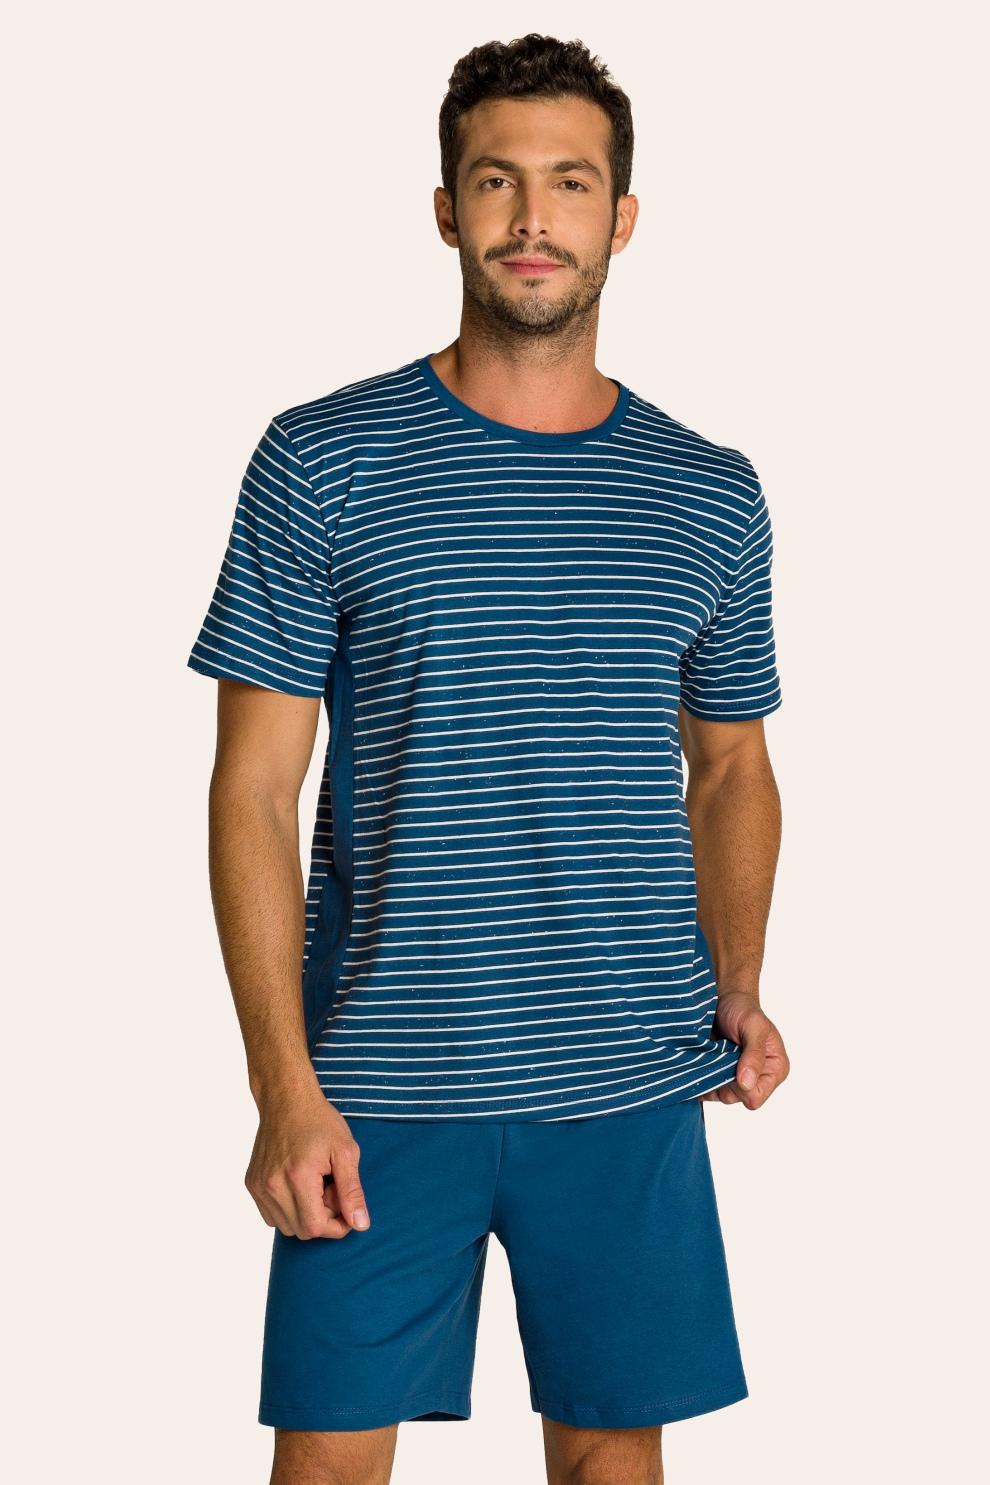 216/E - Pijama Adulto Masculino Listrado com Recorte Lateral